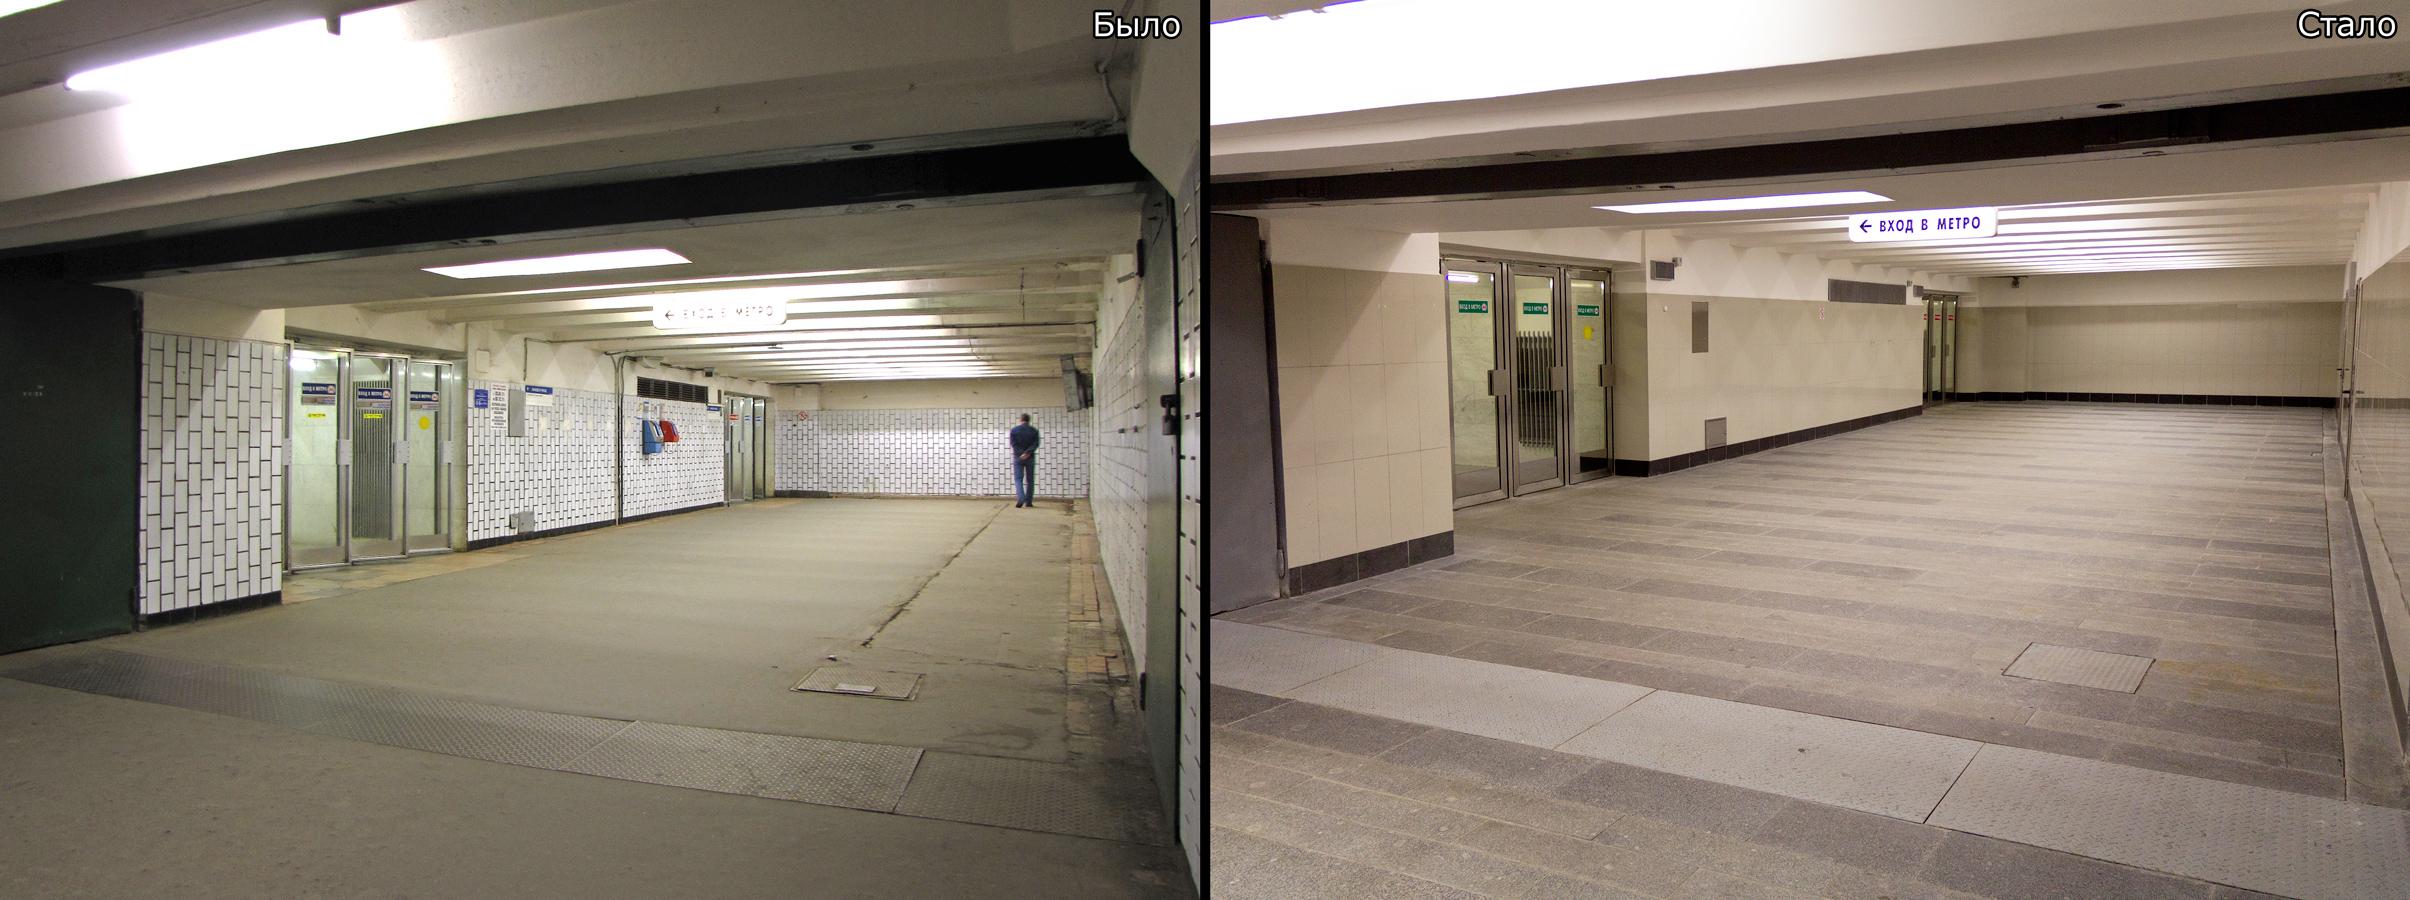 Путаны метро бабушкинская 16 фотография